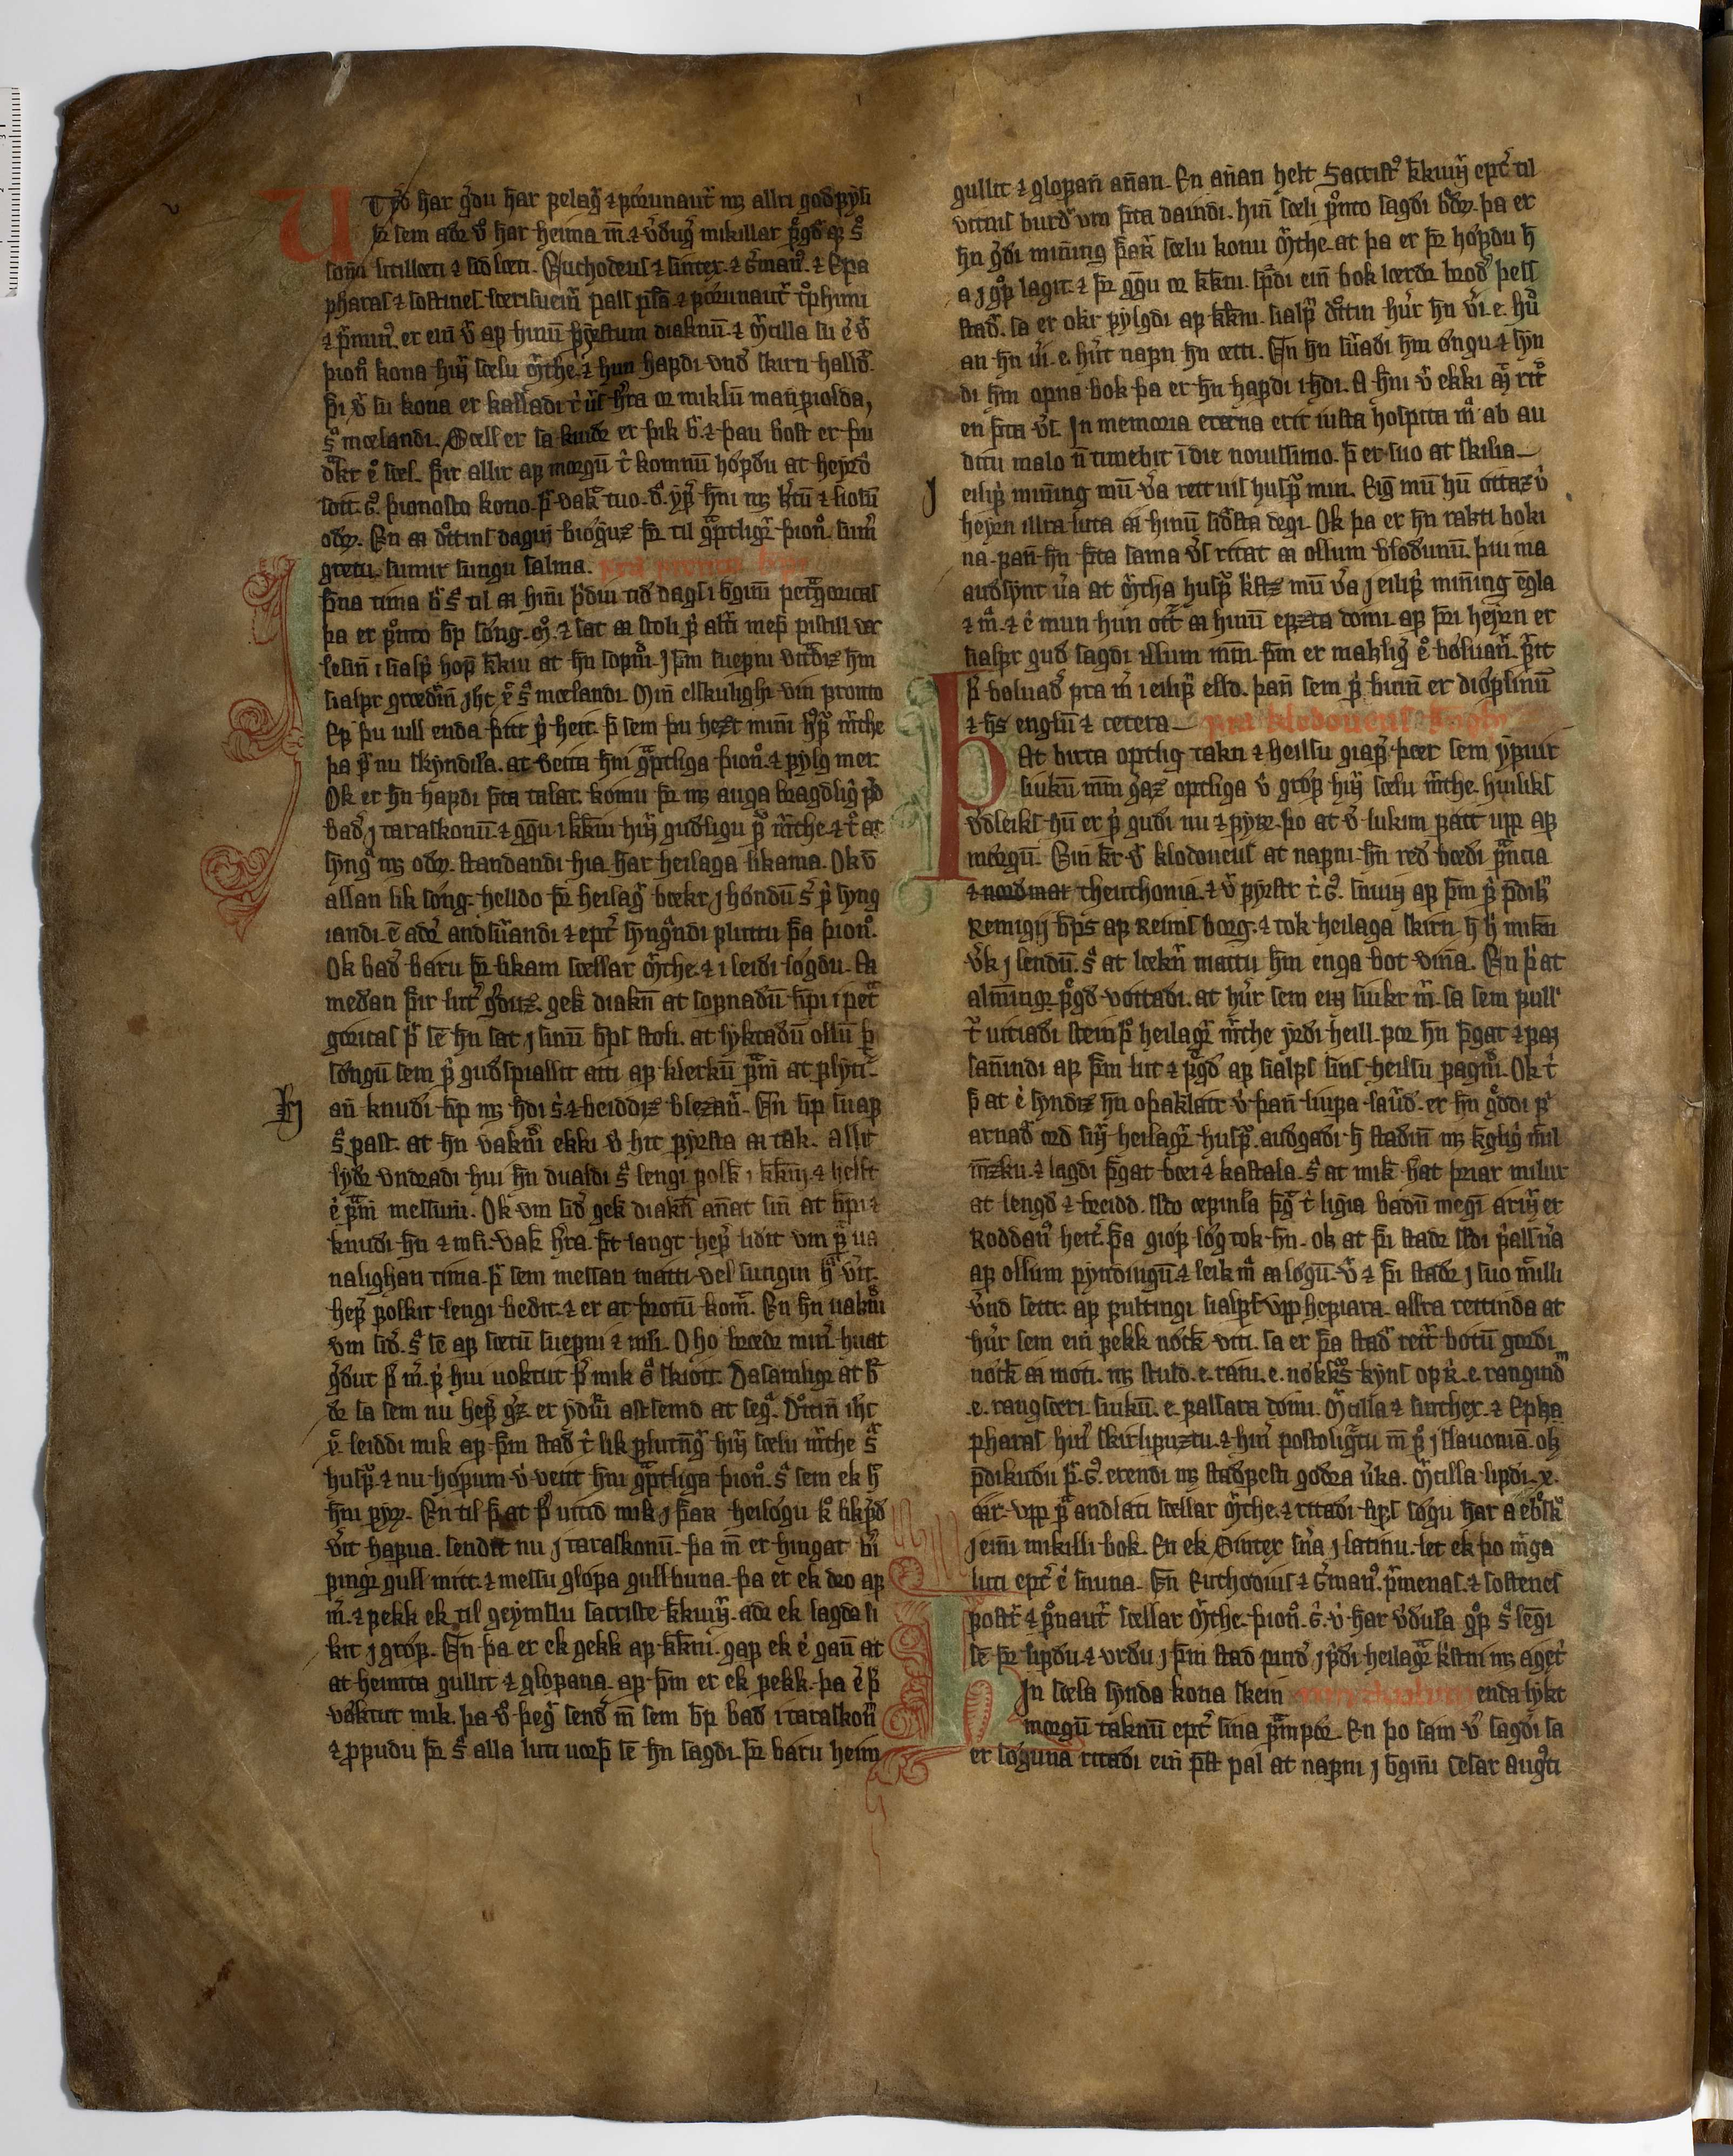 AM 233 a fol - 24v